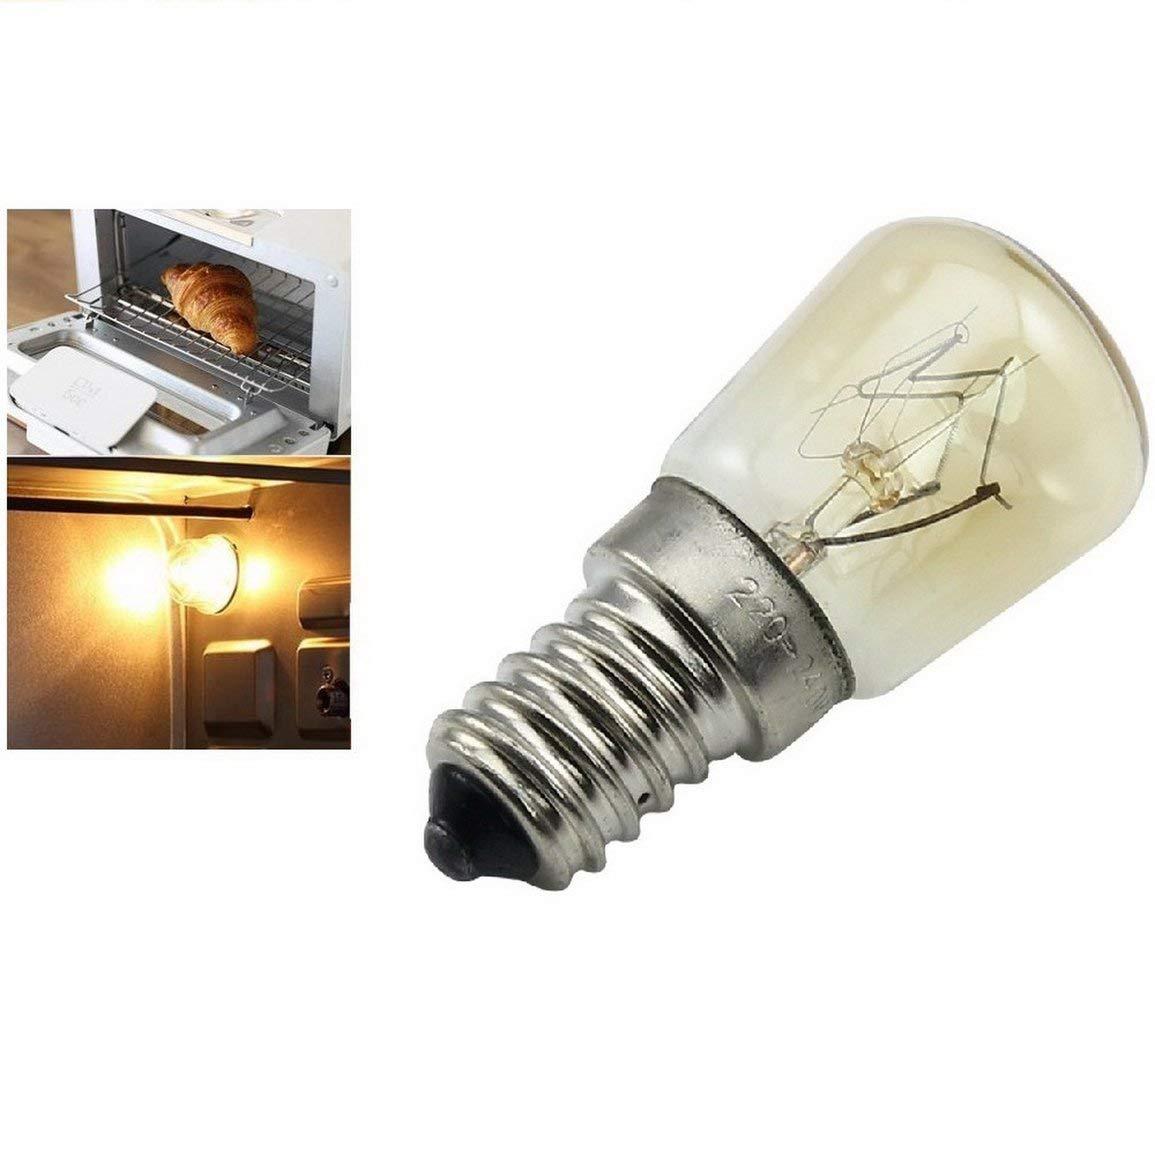 Couleur: Jaune Garciaria Lampe /à Vapeur de Four E14-25w Haute temp/érature 300 /° c Machine /à Pain Jaune Ampoule au tungst/ène AC220-240V